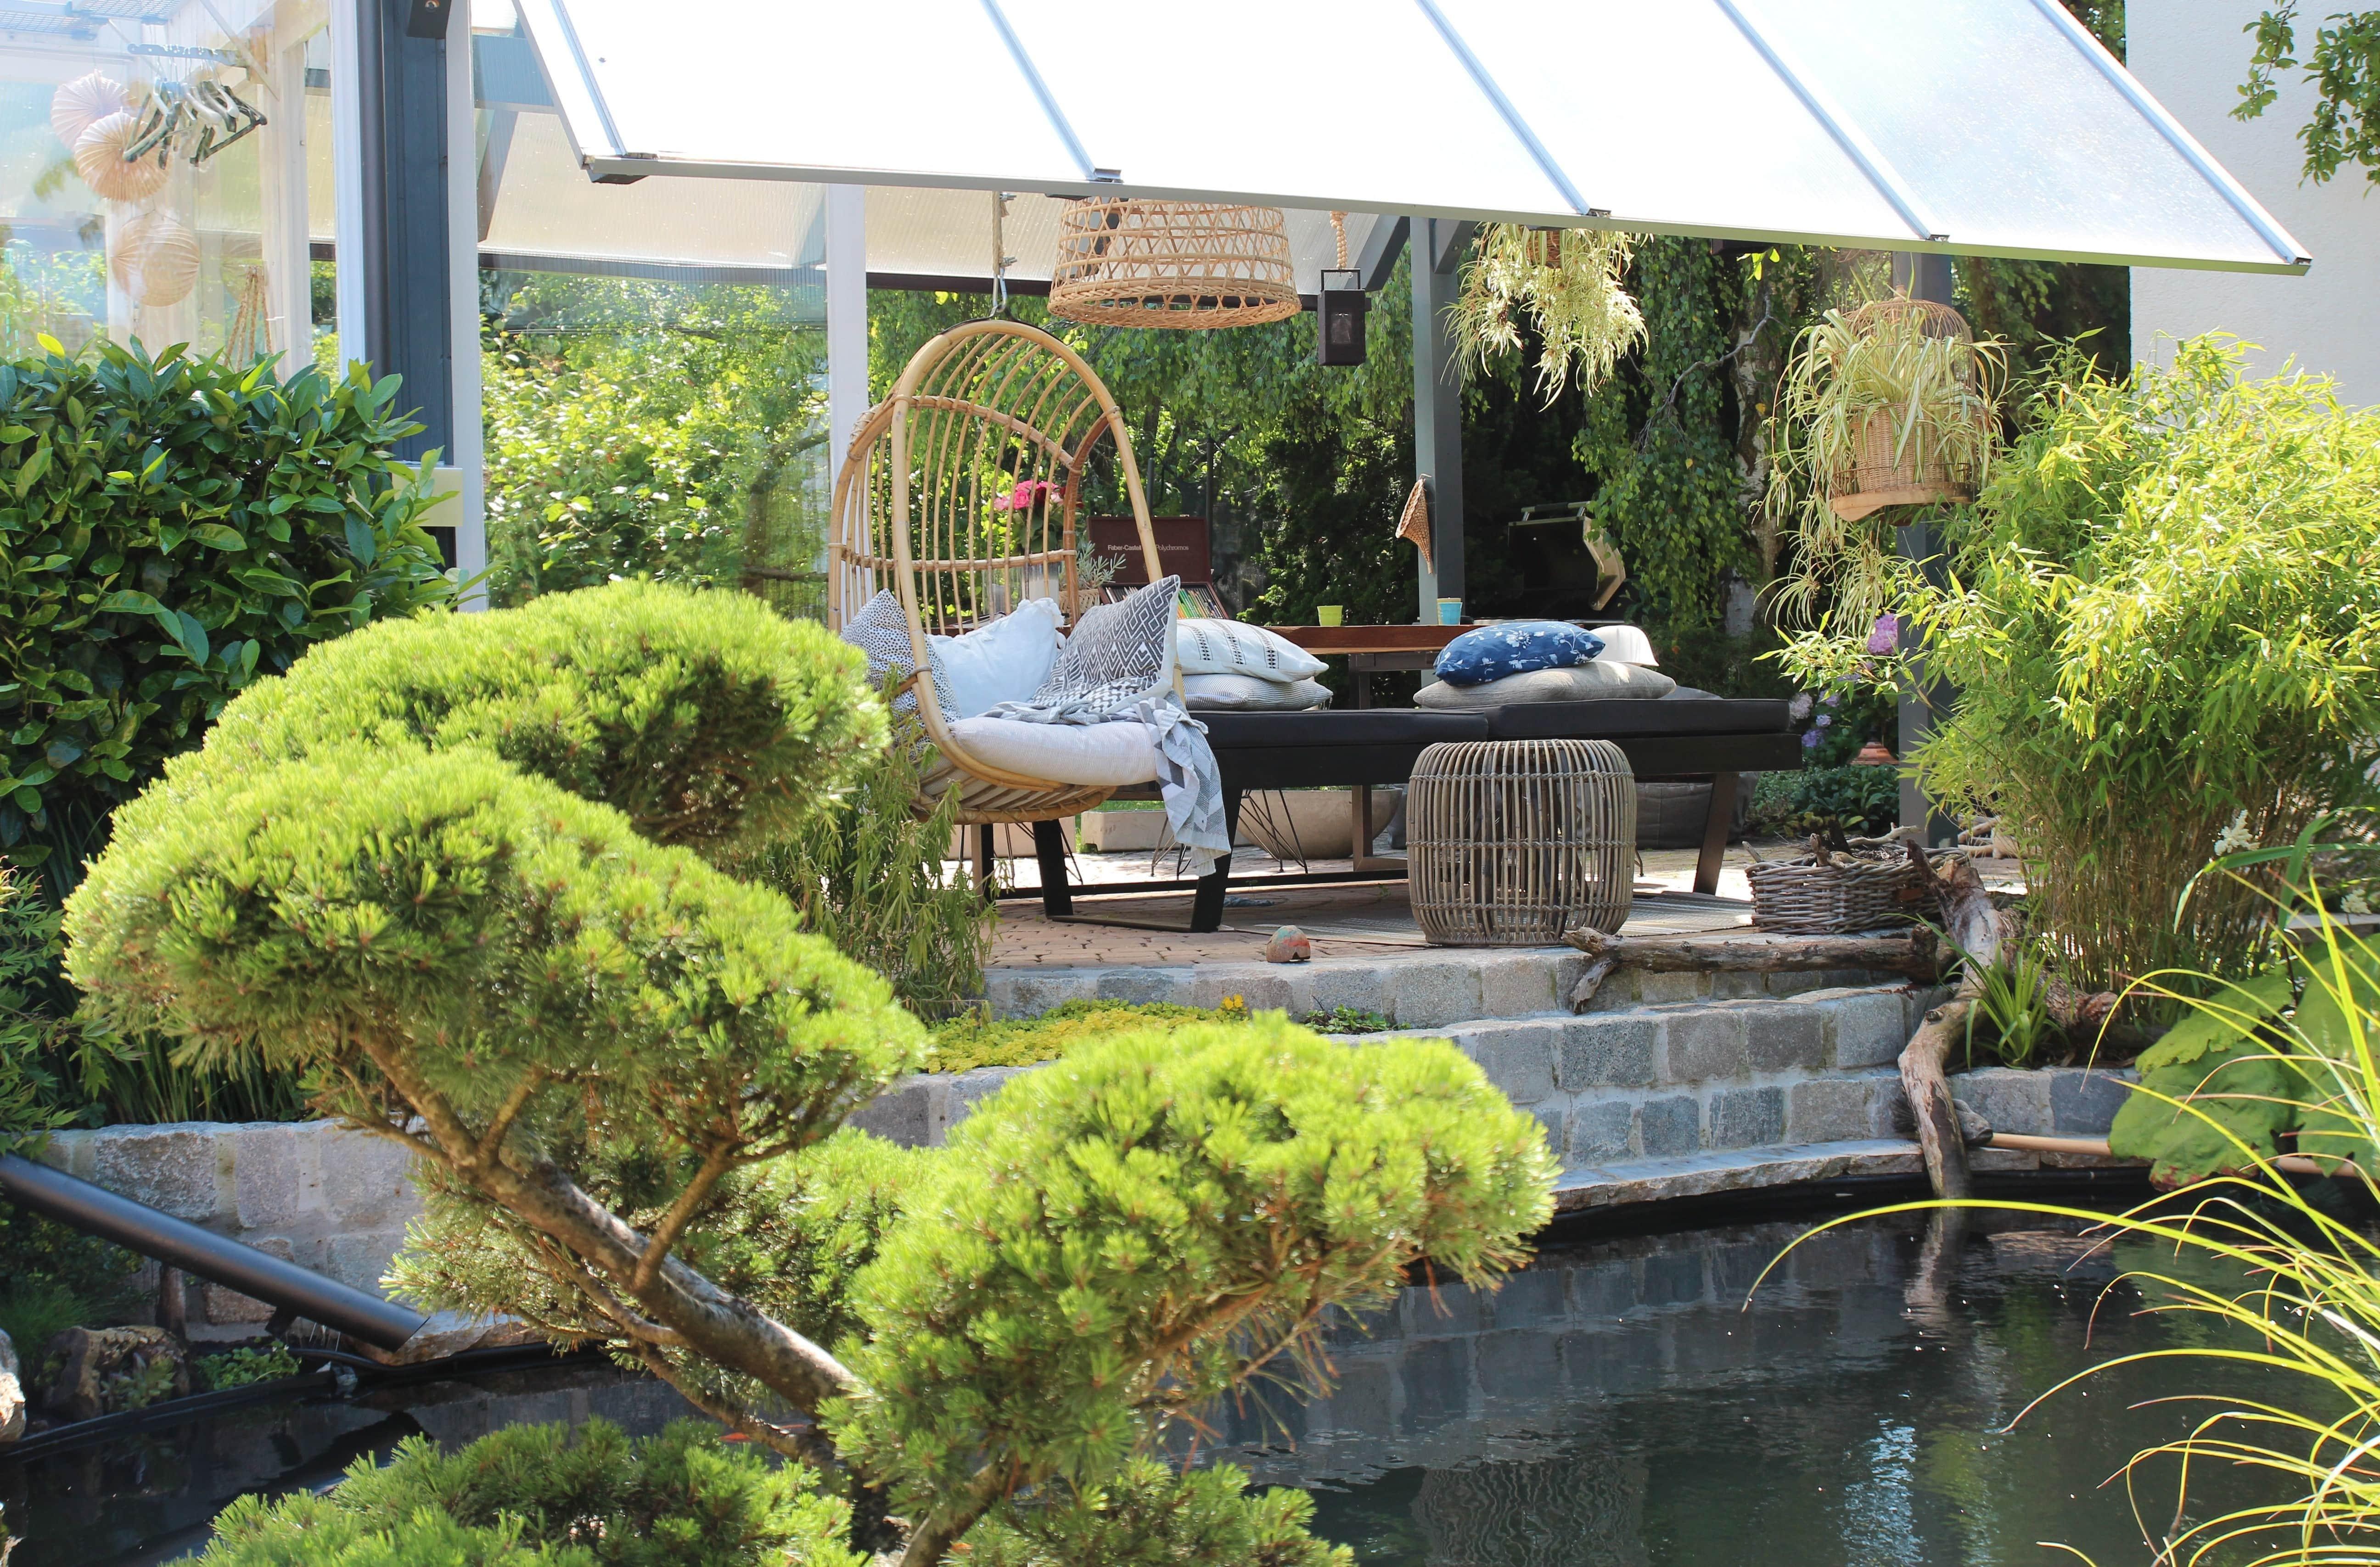 der Garten als gemütlicher Rückzugsort- Zuhause bei Stefanie - Dekoideen und zeitlose Accessoires zeigt sie bei desmondo.de